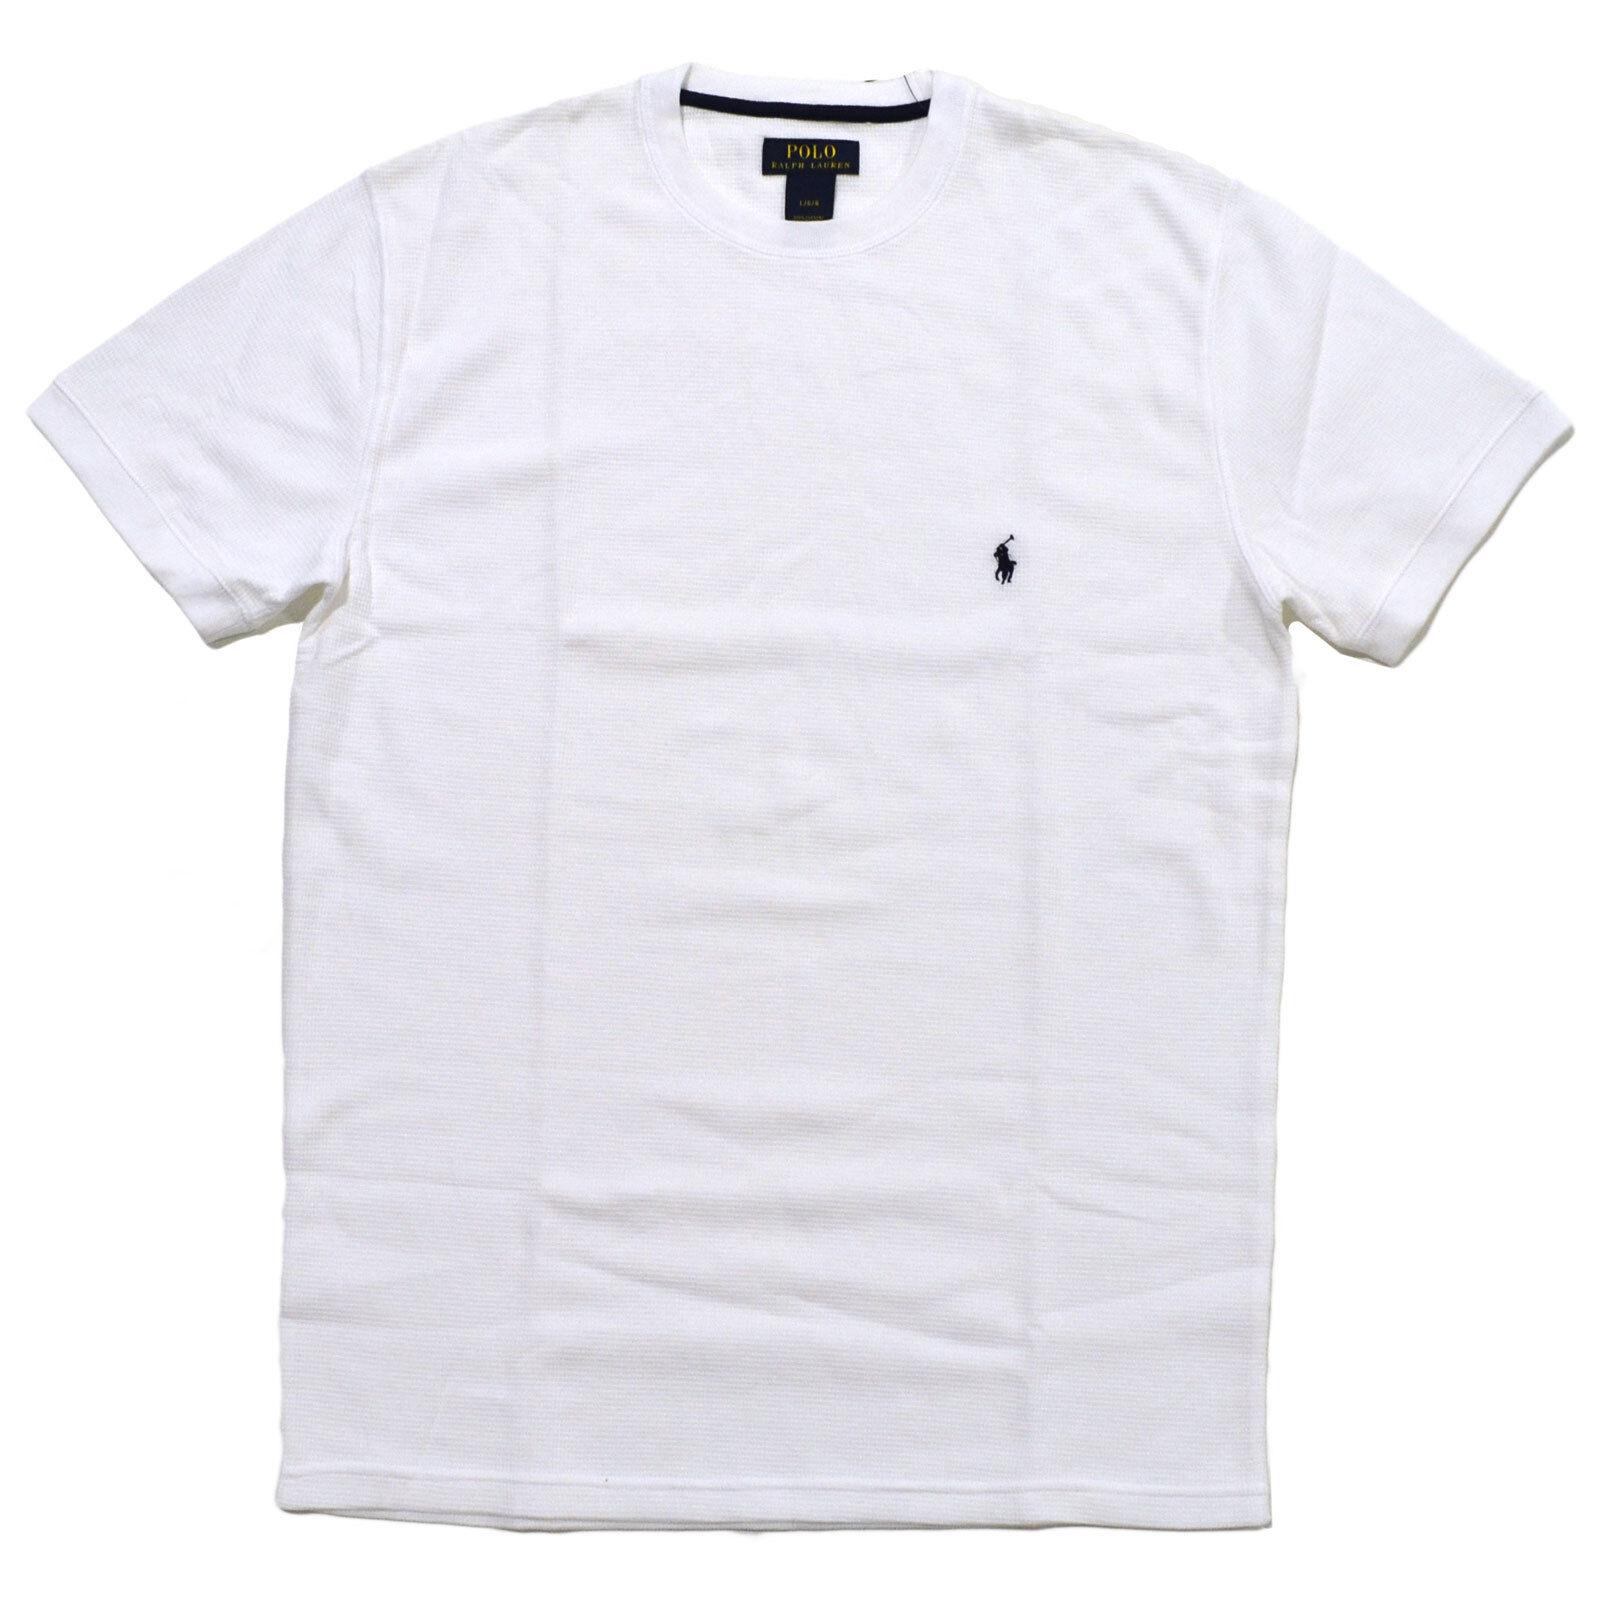 a98faca360 ... best price polo ralph lauren mens thermal tee short sleeve sleep t shirt  top d3ac6 d50b7